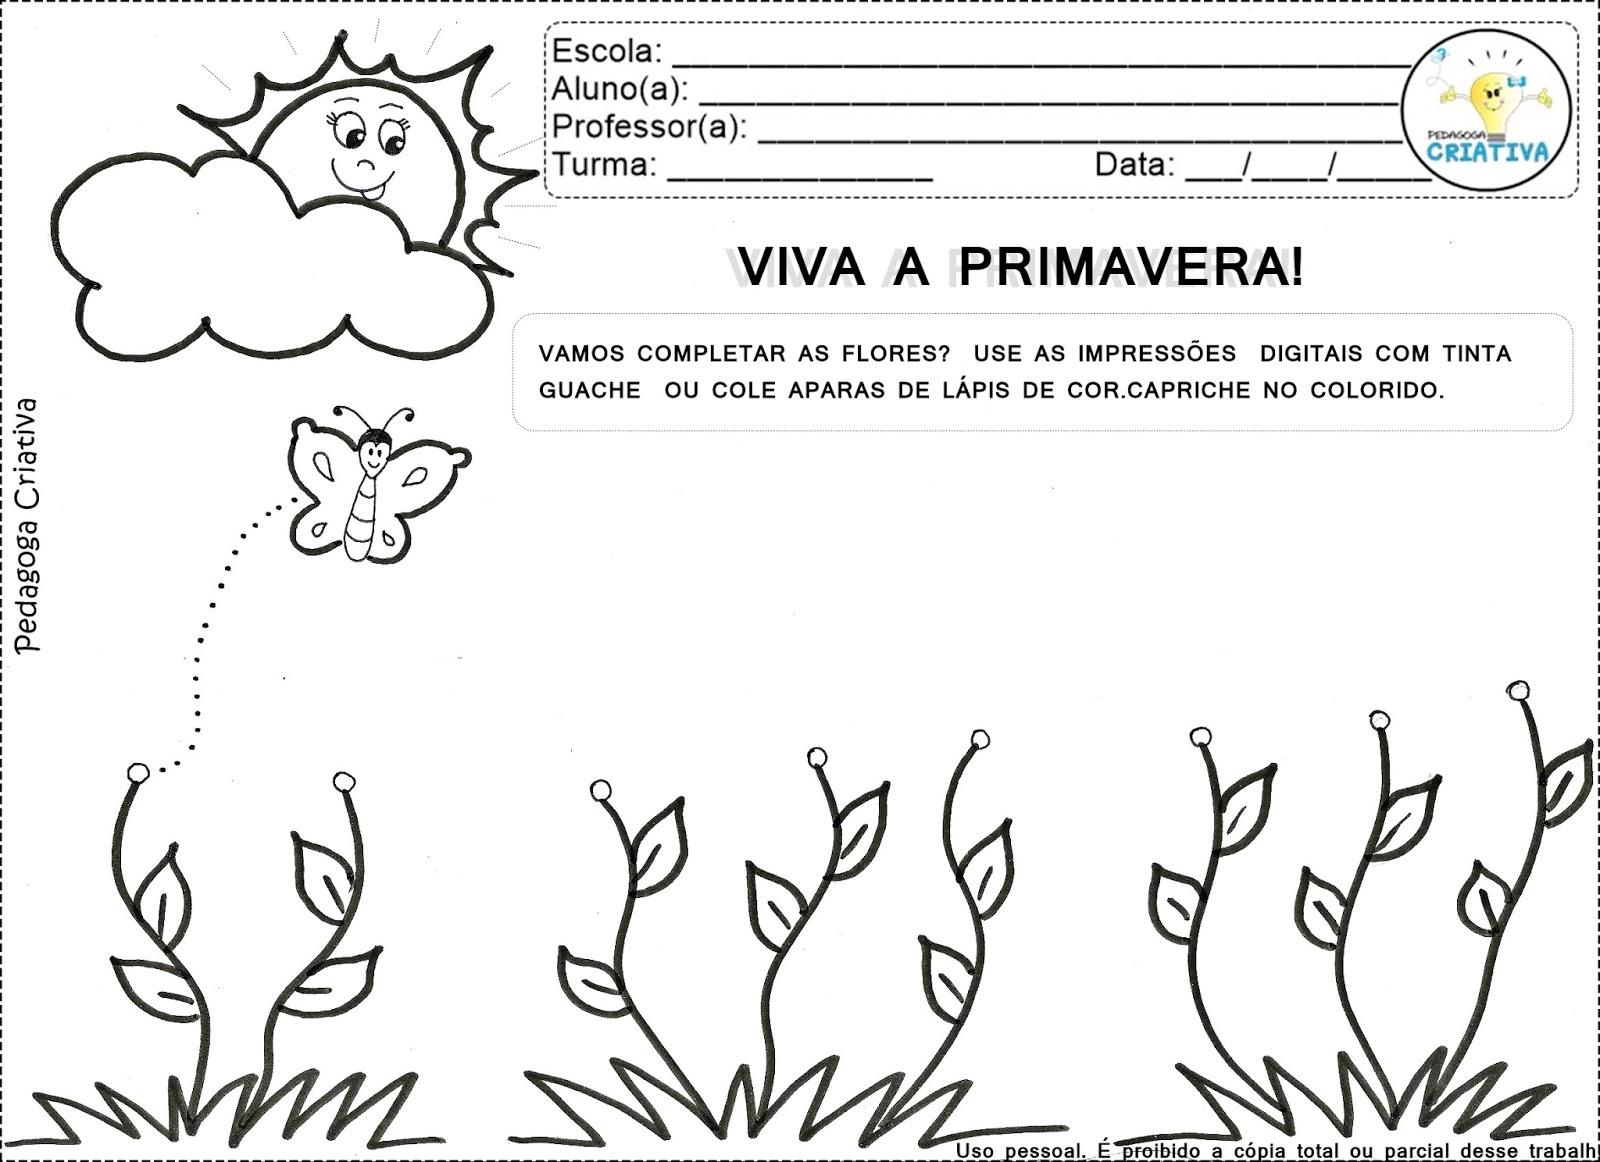 Pedagoga Criativa Arte Para Imprimir Viva A Primavera